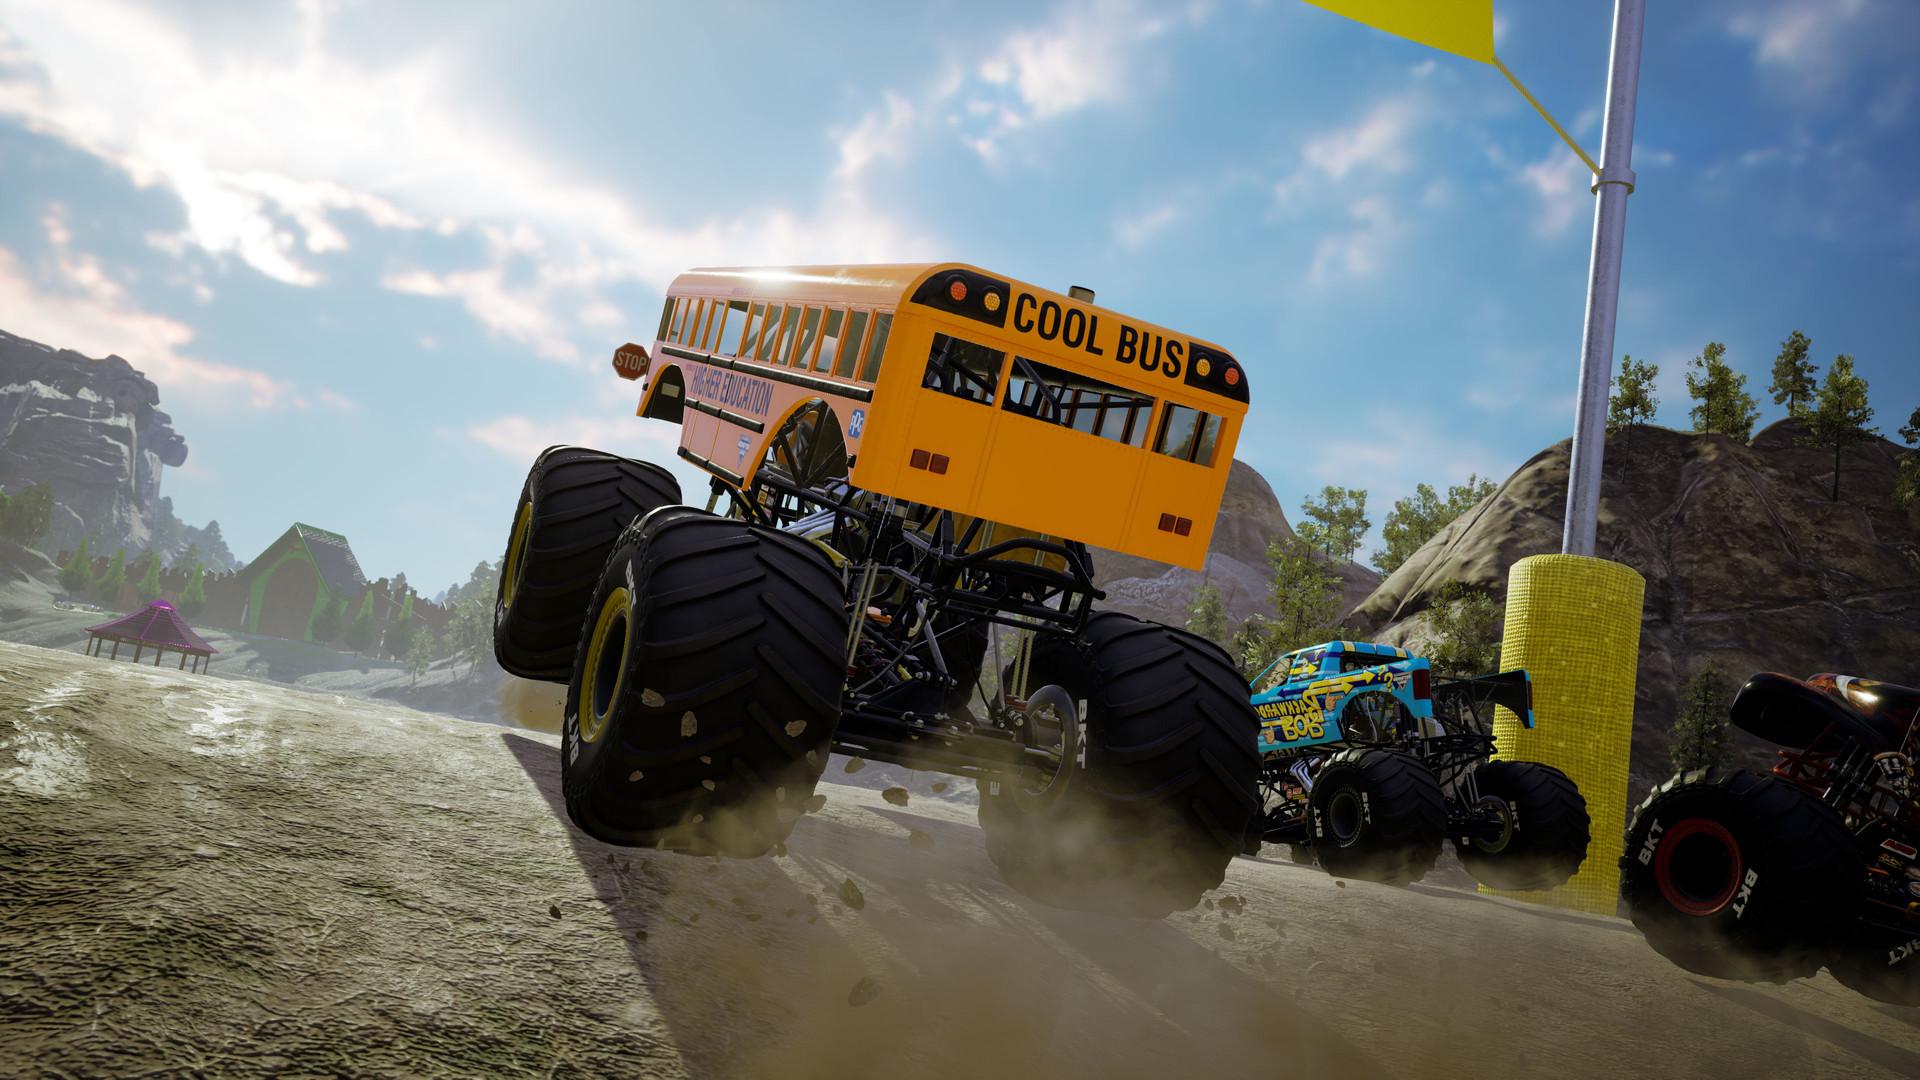 怪物卡车钢铁巨人2/怪物卡车钢铁泰坦2/怪兽卡车2/单机.同屏多人